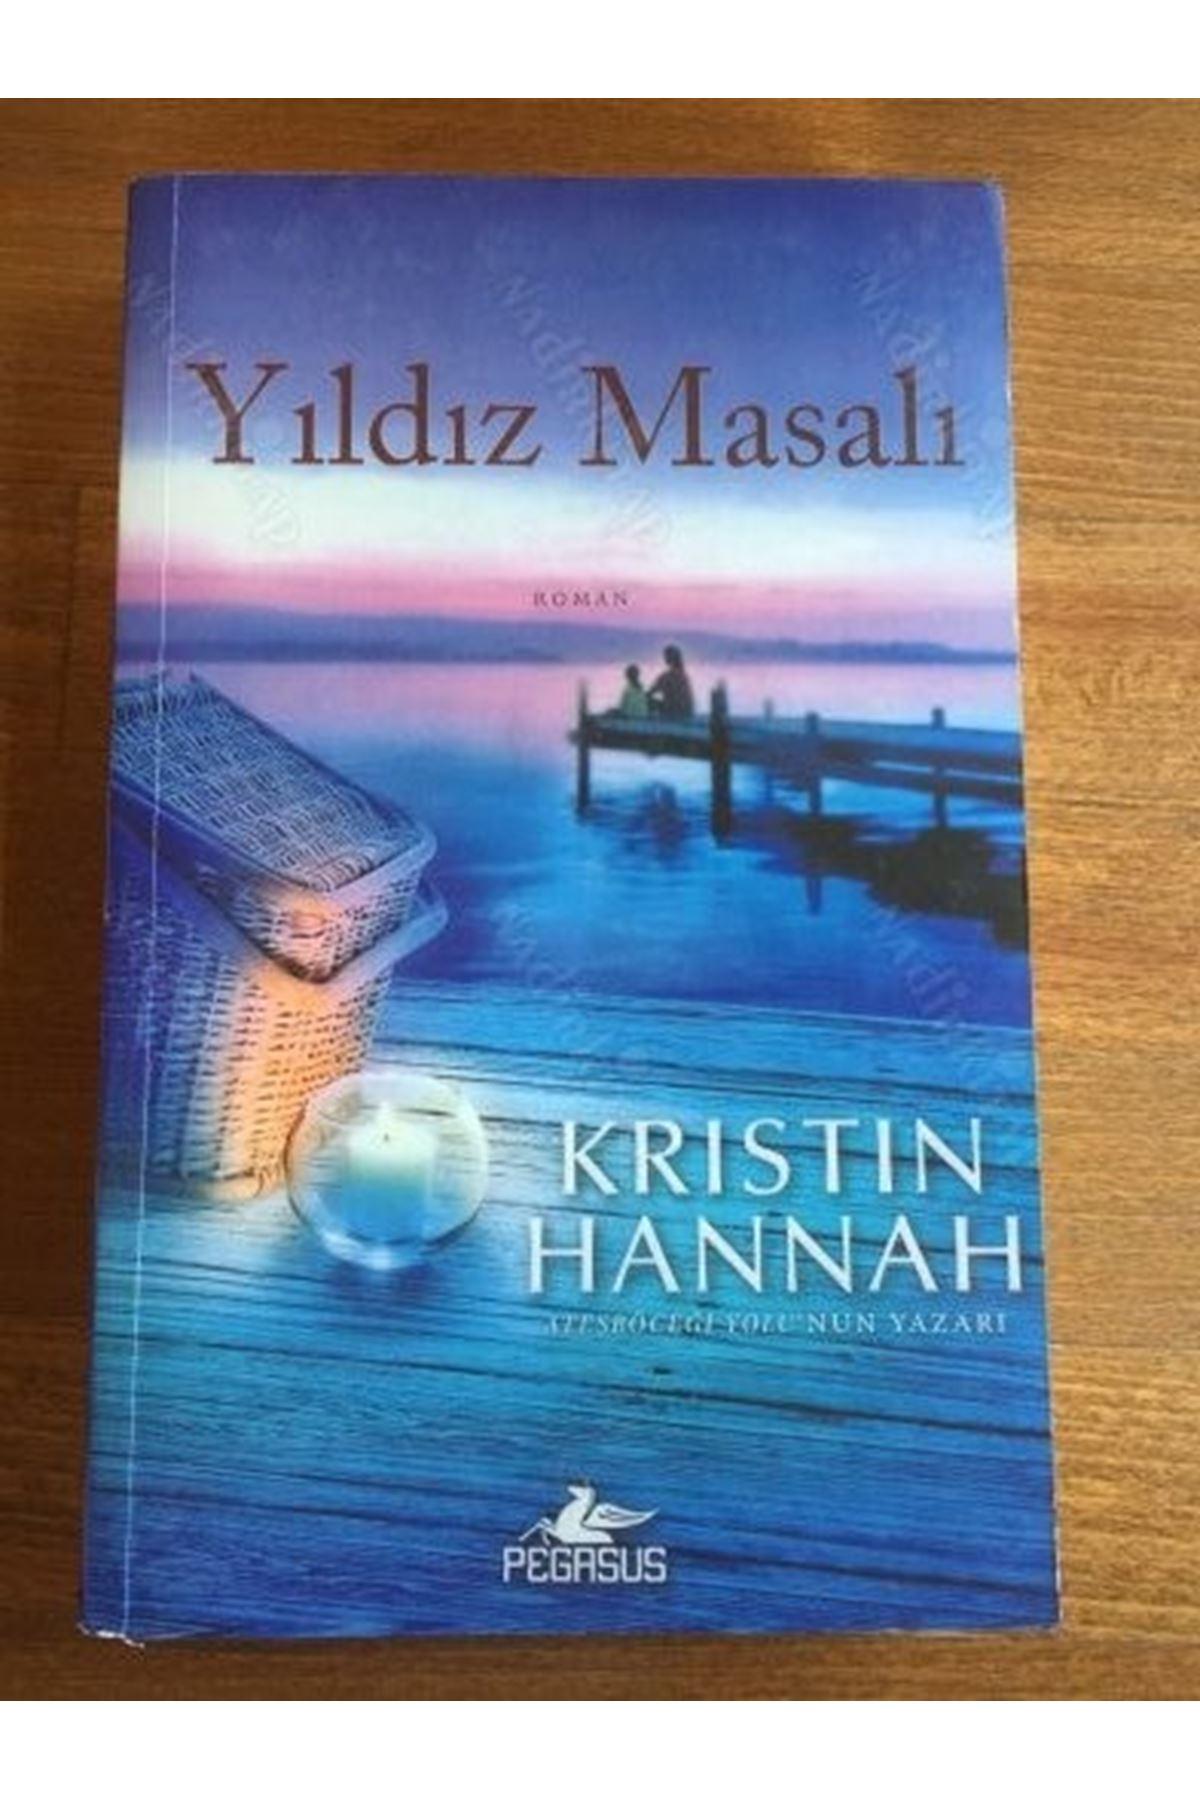 KRİSTİN HANNAH - YILDIZ MASALI